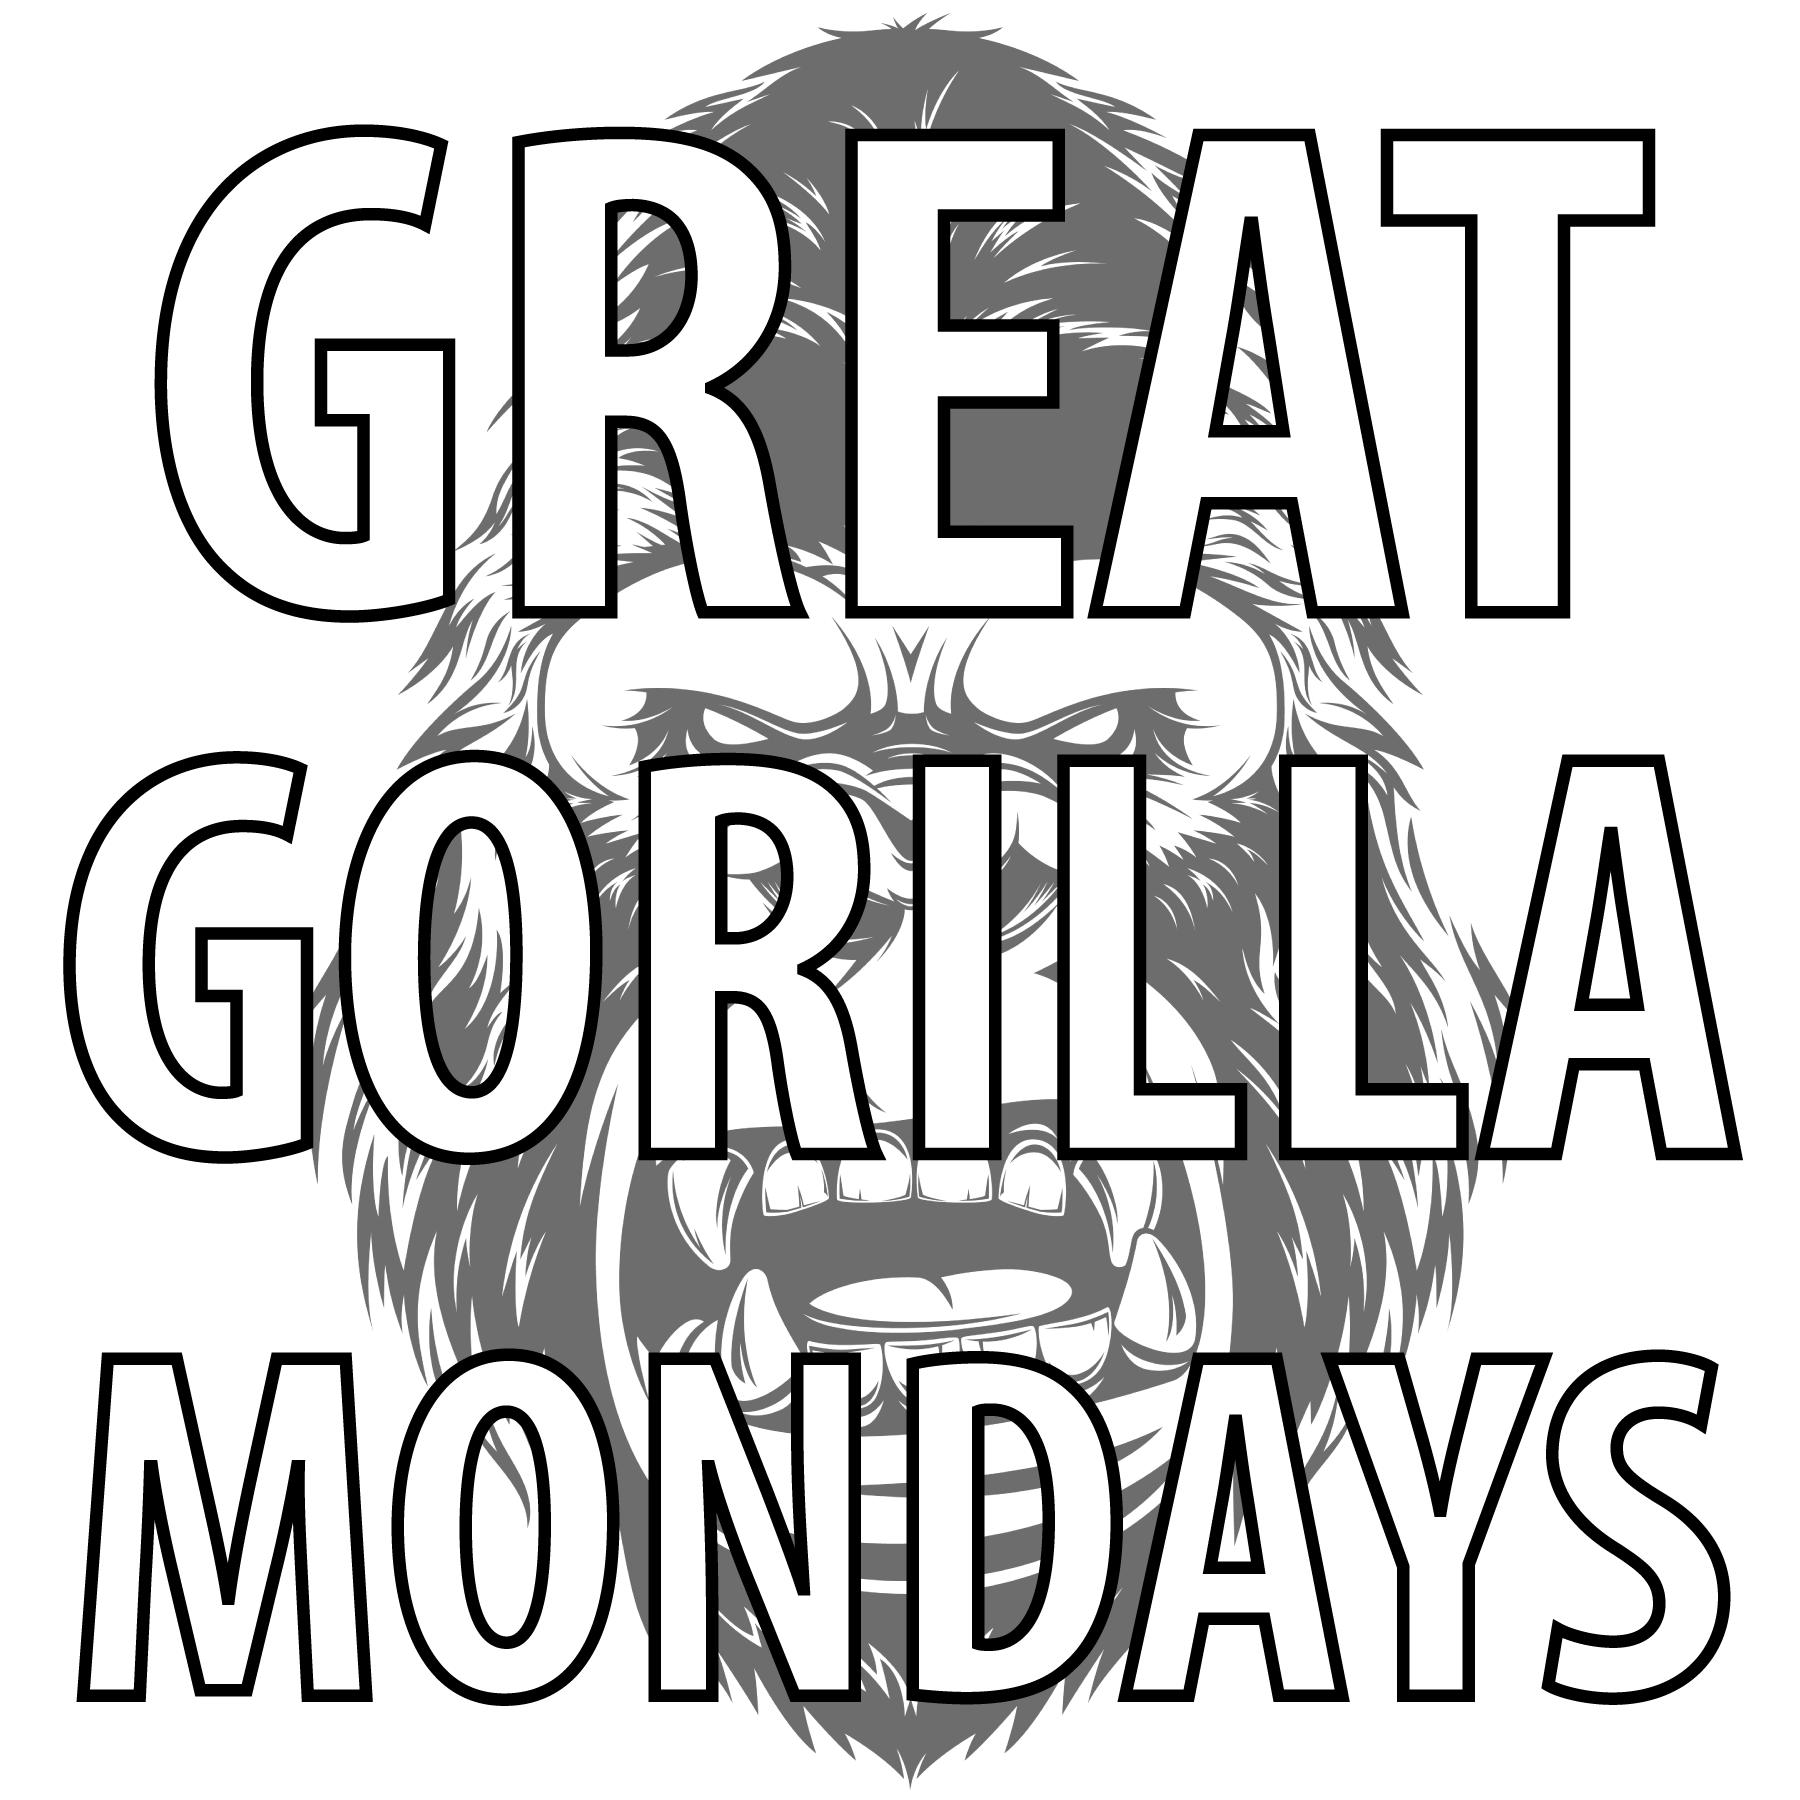 Great Gorila Mondays-01.png